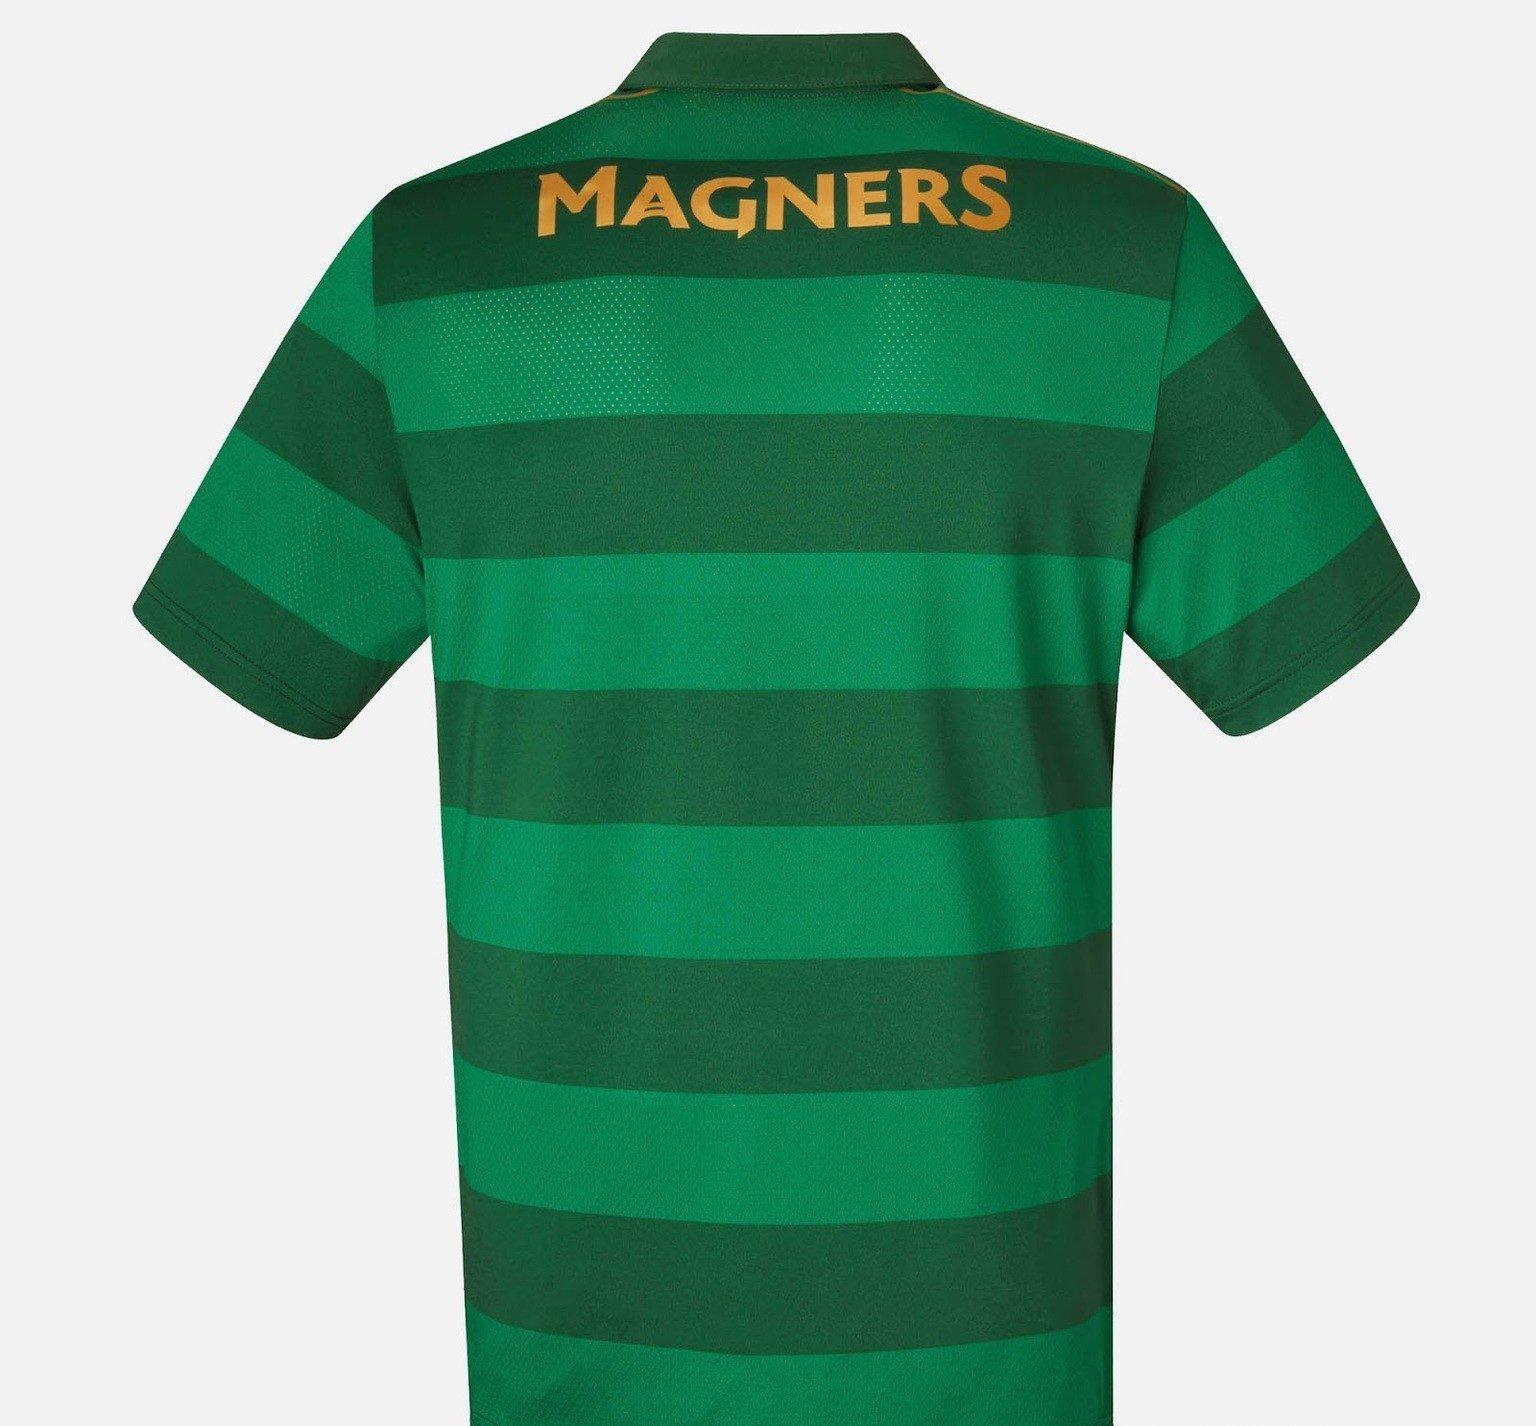 68e716250aac3 ... Celtic FC presenta nuevo uniforme de futbol de visita. La camiseta de  soccer presenta franjas horizontales en dos tonalidades de verde así como  todos ...